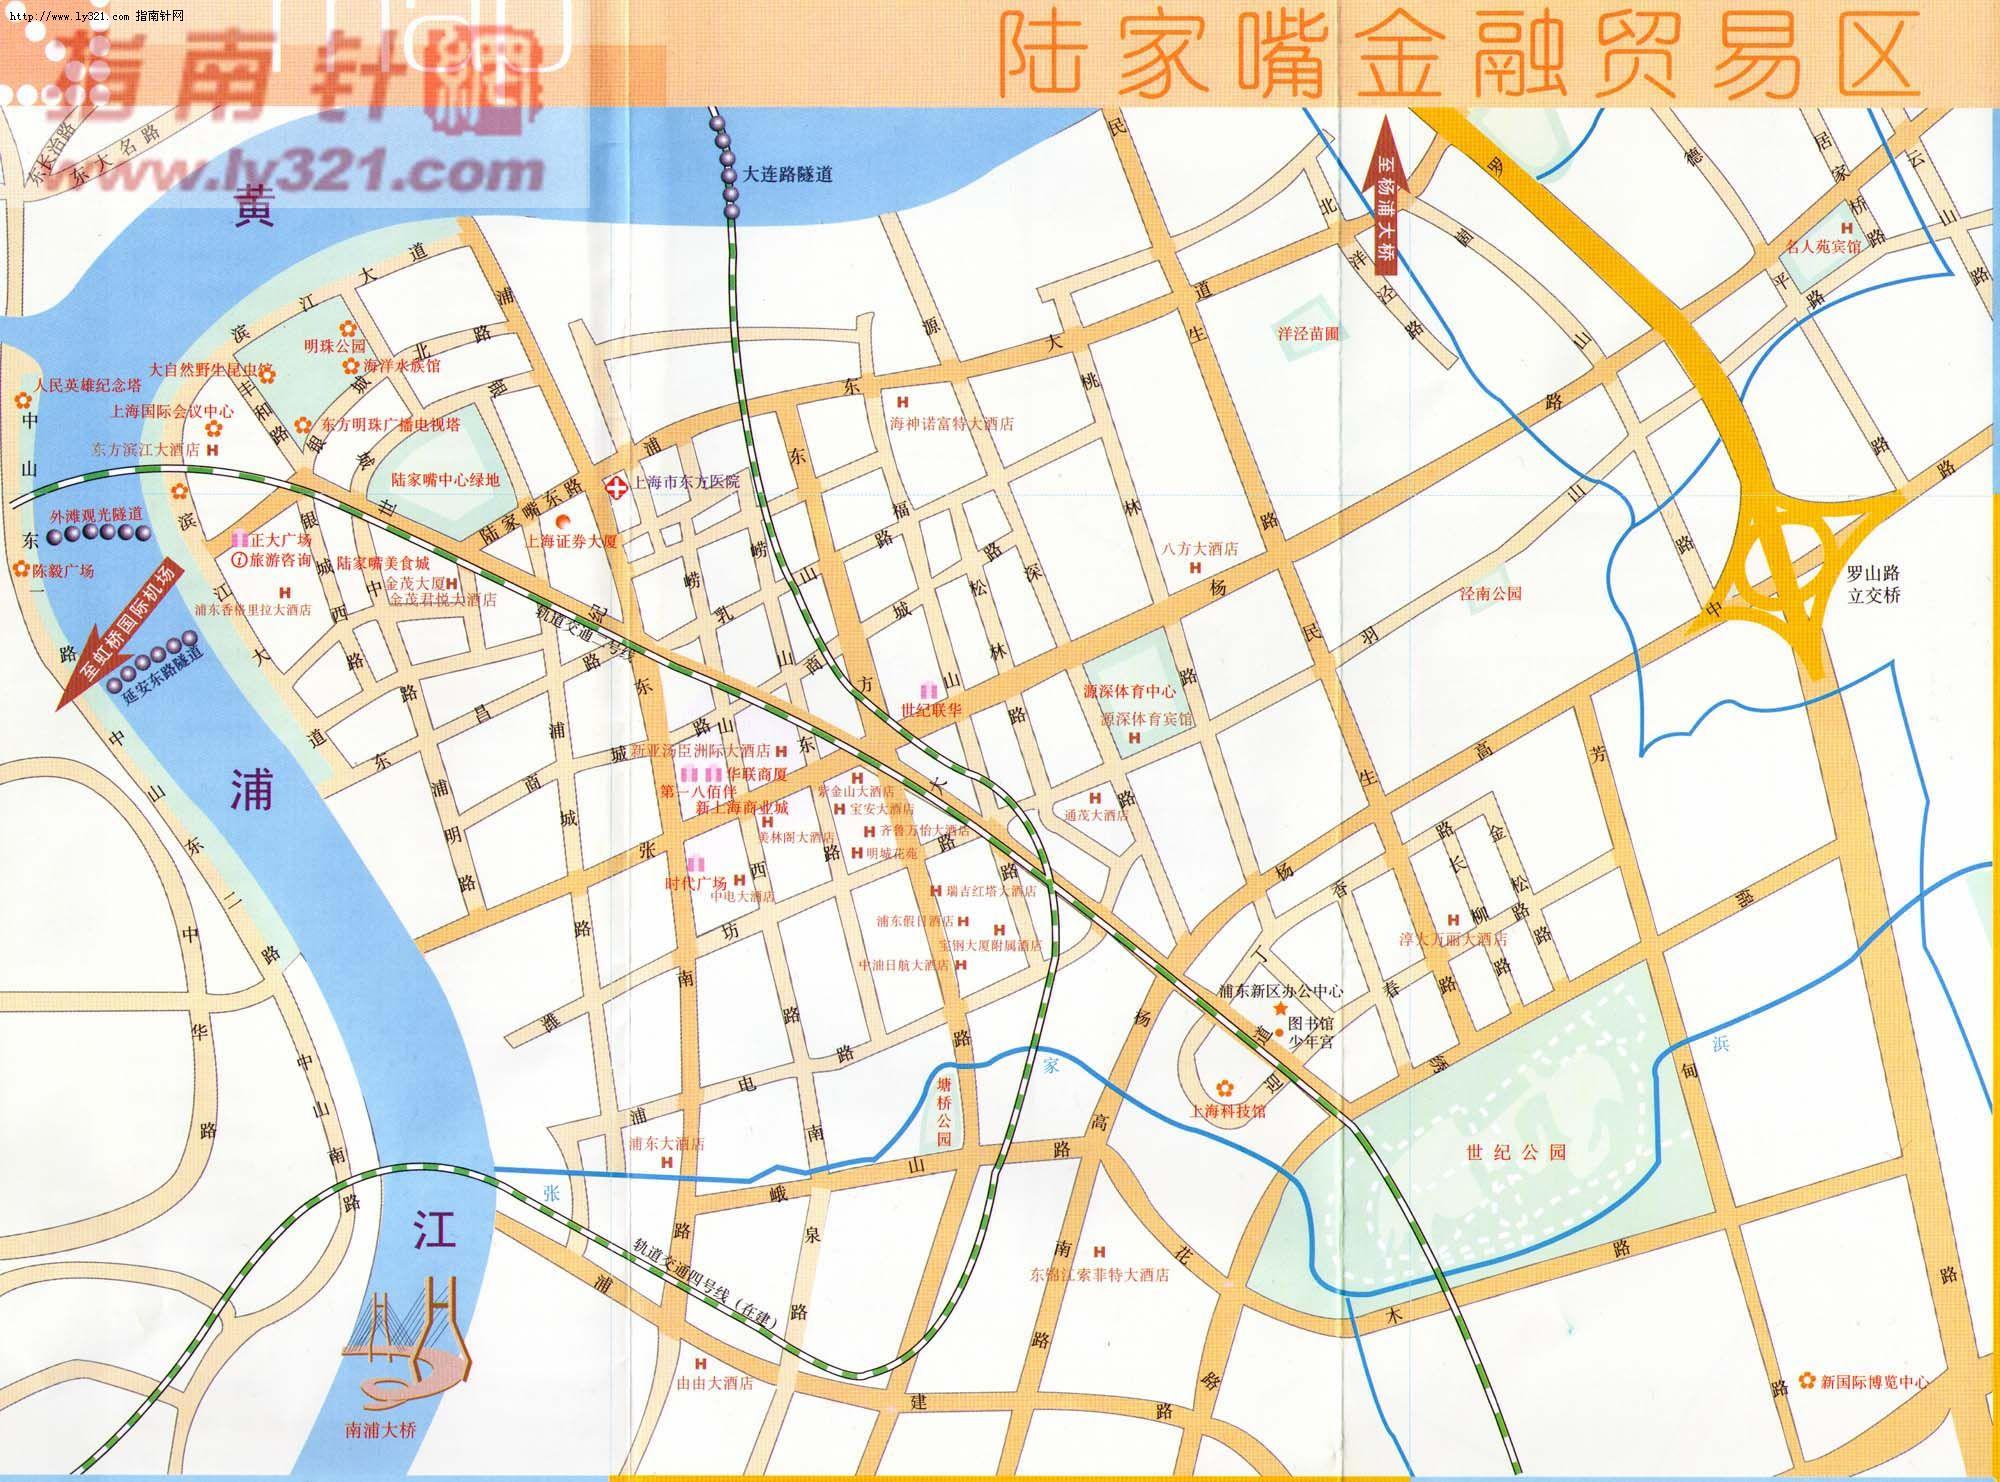 陆家嘴金融贸易区地图_上海地图查询